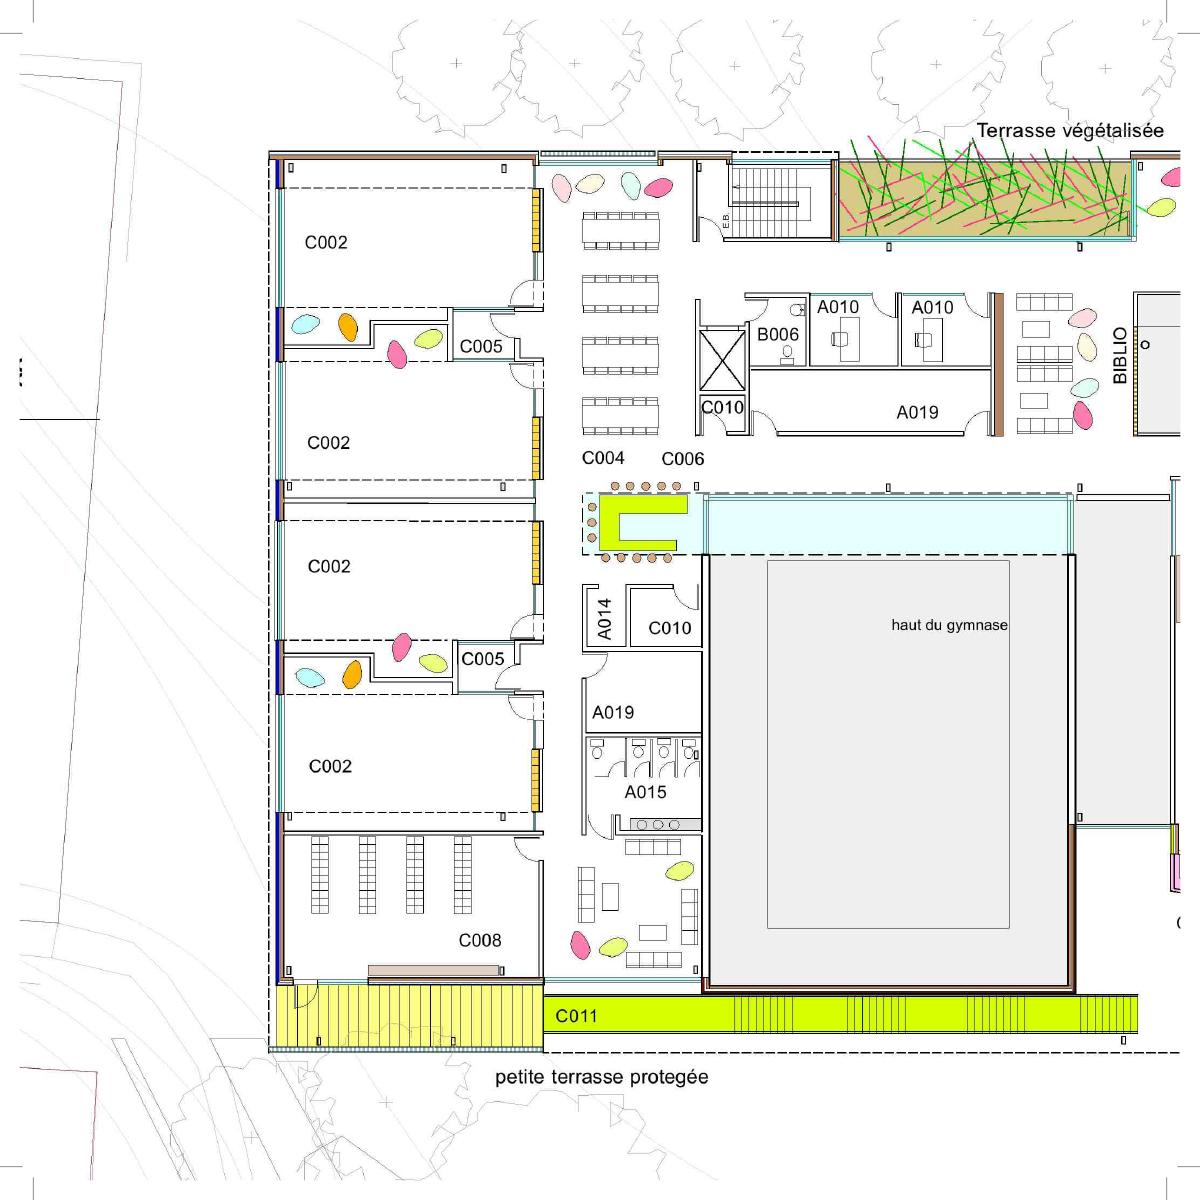 Plan d'une salle de classe par Atelier Big City et Groupe Conseil Planitech, pour le concours du Lab-École à Saguenay, présenté dans le cadre de l'exposition «Devoirs d'architecture».